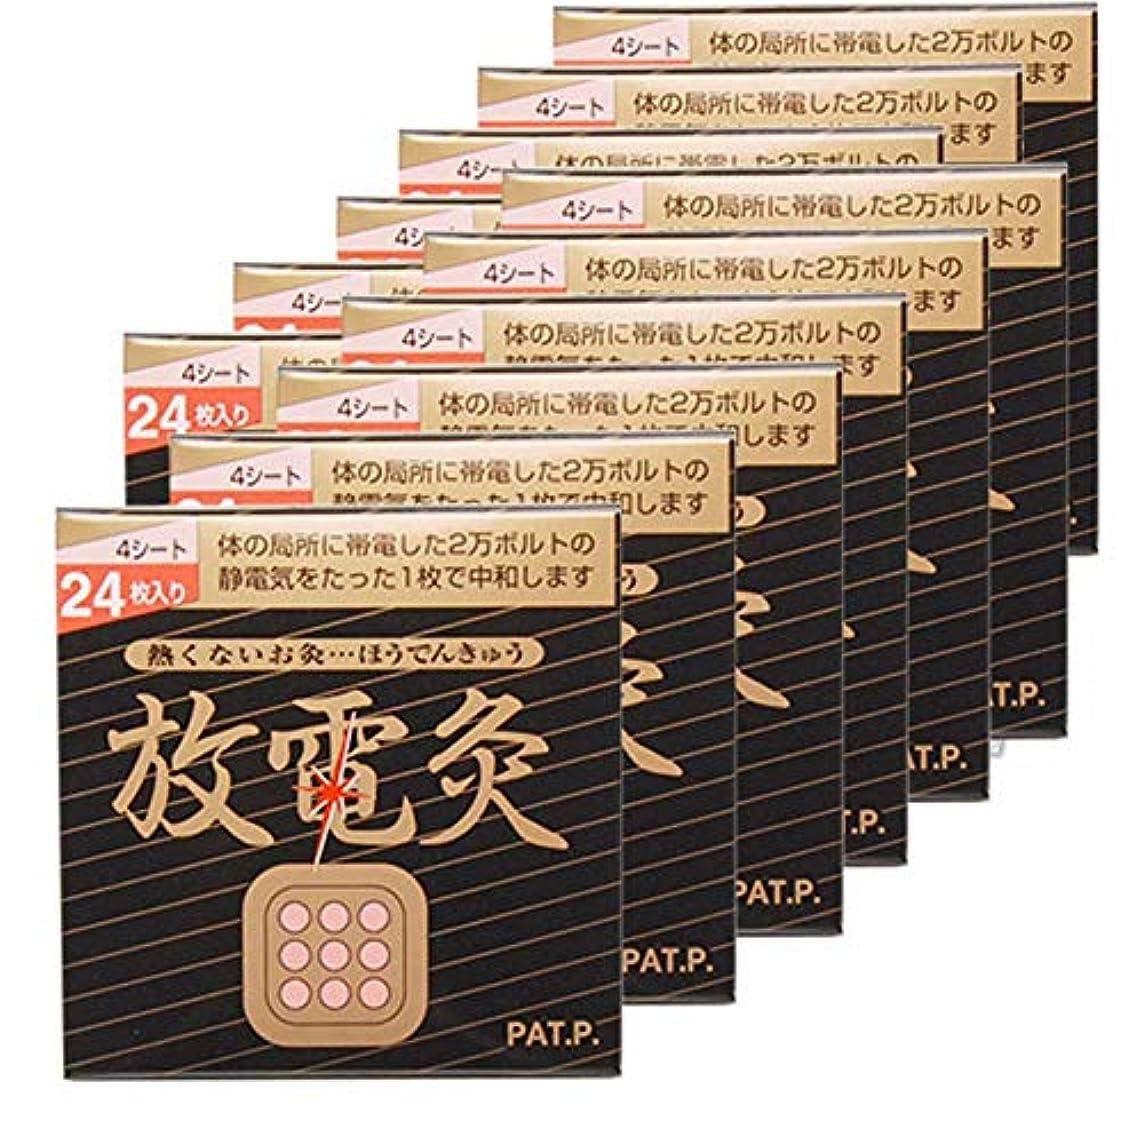 フロンティア社交的優しい【X12箱セット】 放電灸 4シート(24枚入)